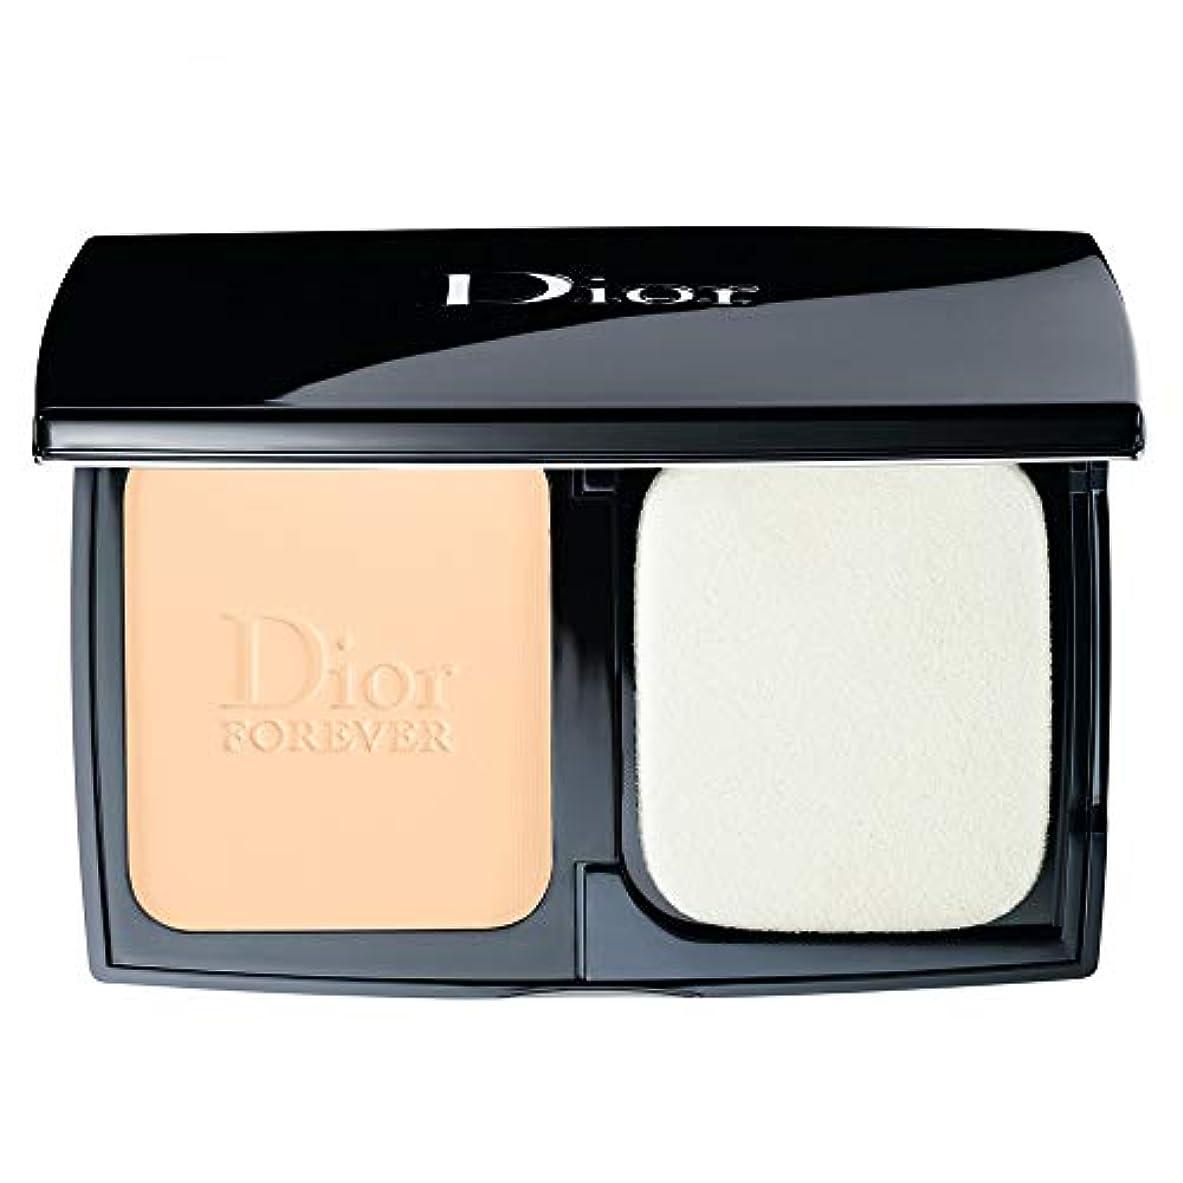 マチュピチュ才能のある印刷するクリスチャンディオール Diorskin Forever Extreme Control Perfect Matte Powder Makeup SPF 20 - # 010 Ivory 9g/0.31oz並行輸入品